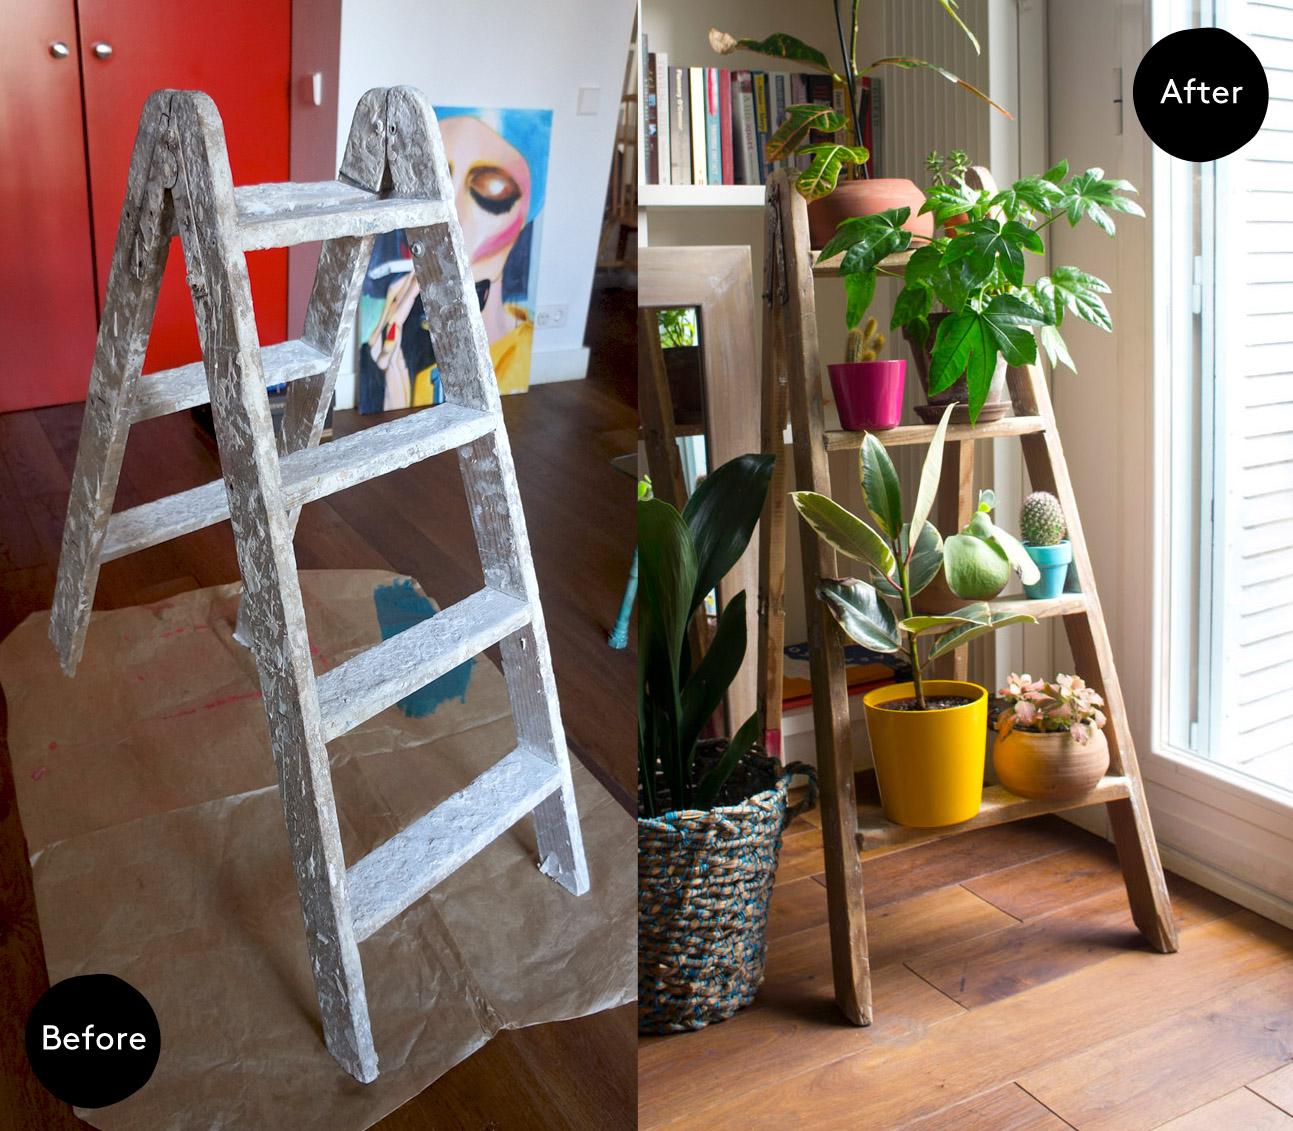 Escalera para plantas antes y despu s blog decoraci n y for Escaleras para decorar